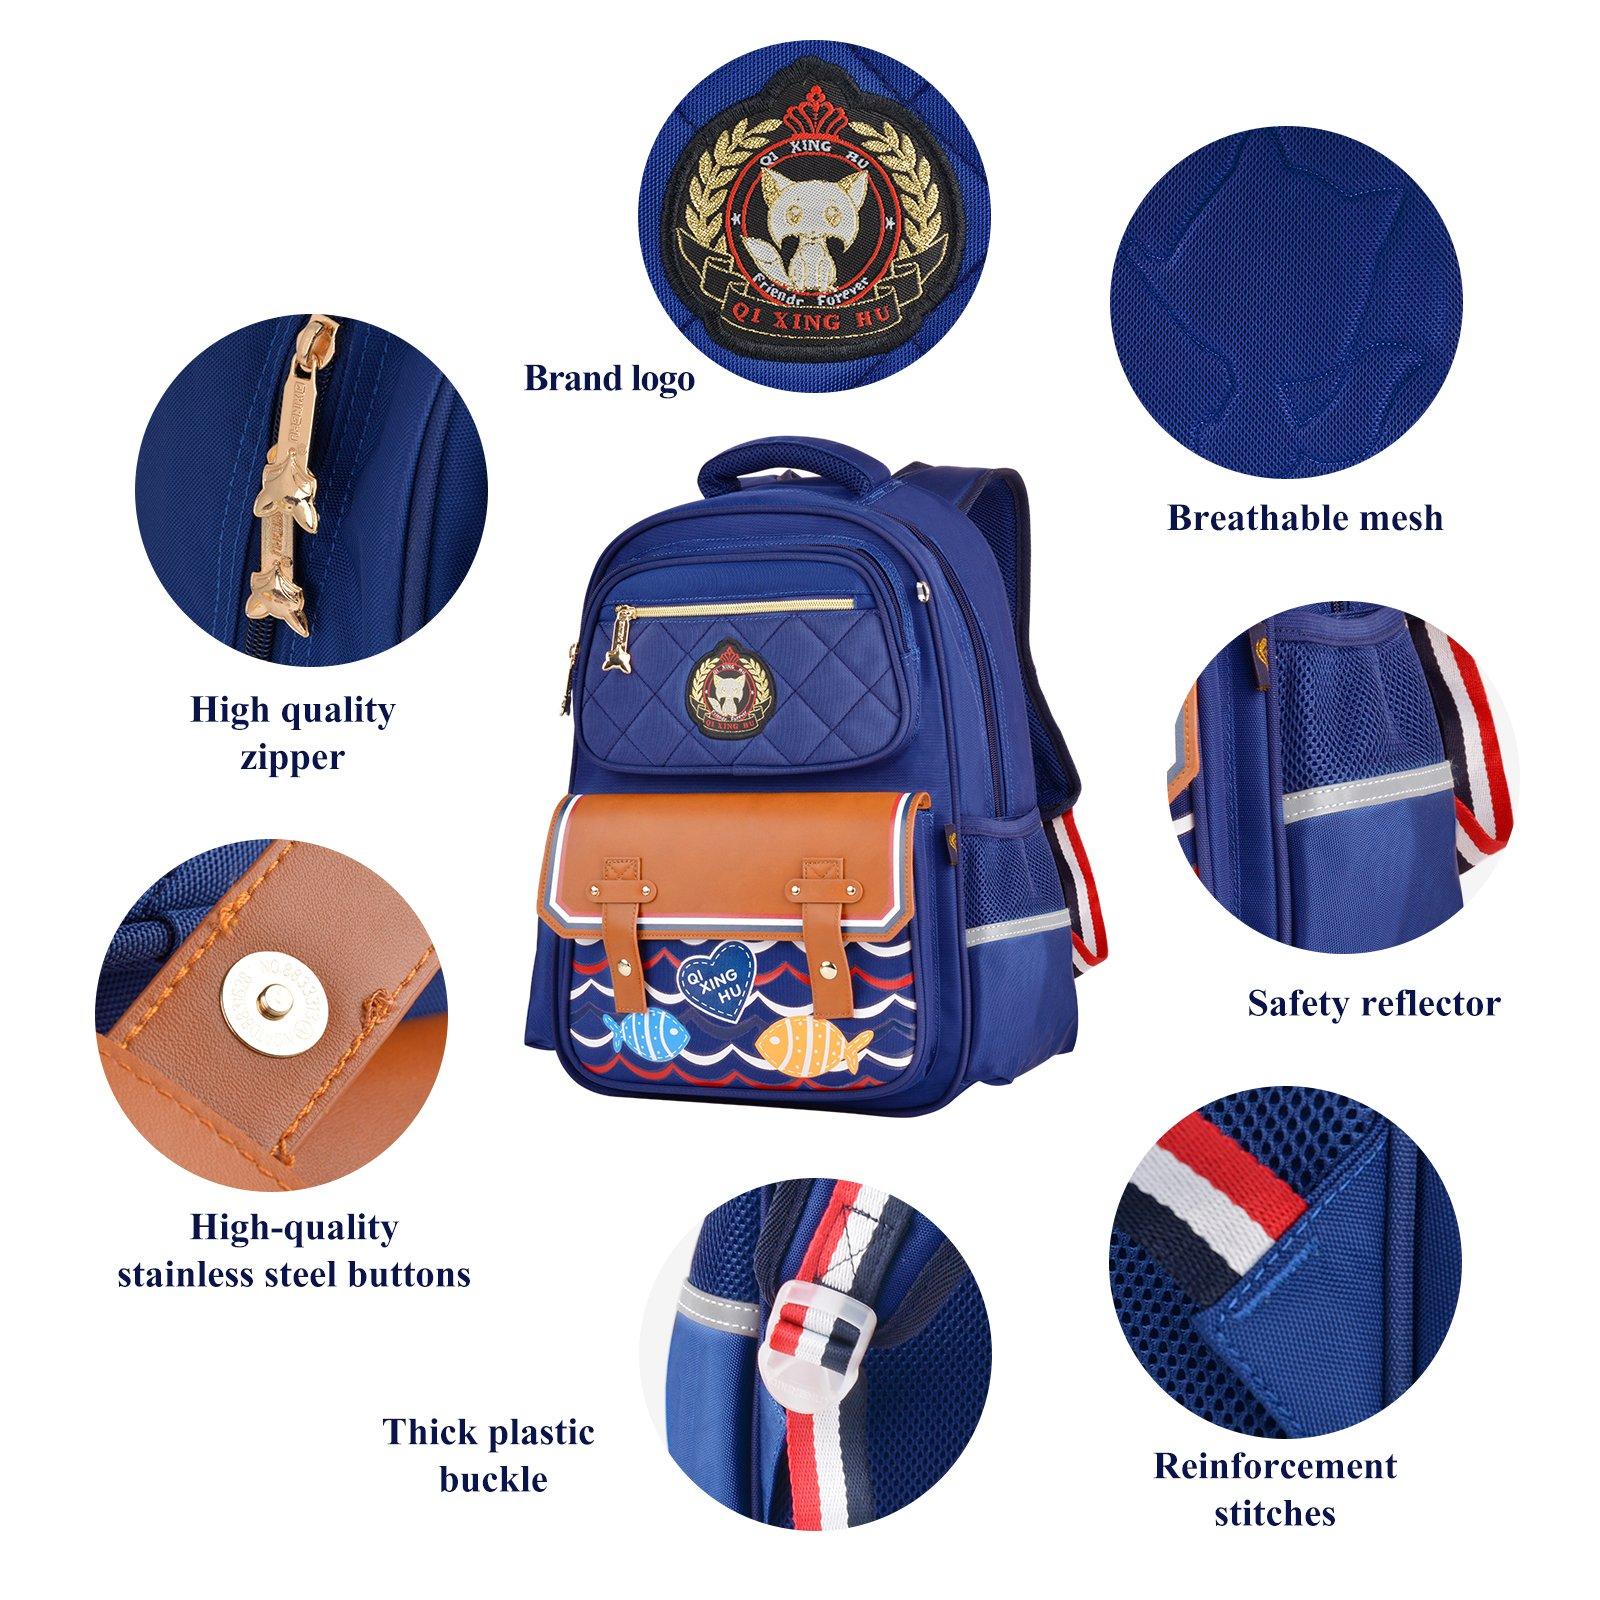 Boys Backpacks, Bageek Backpacks for School Backpack Kid School Bags for Boys Childrens Backpack by Bageek (Image #6)